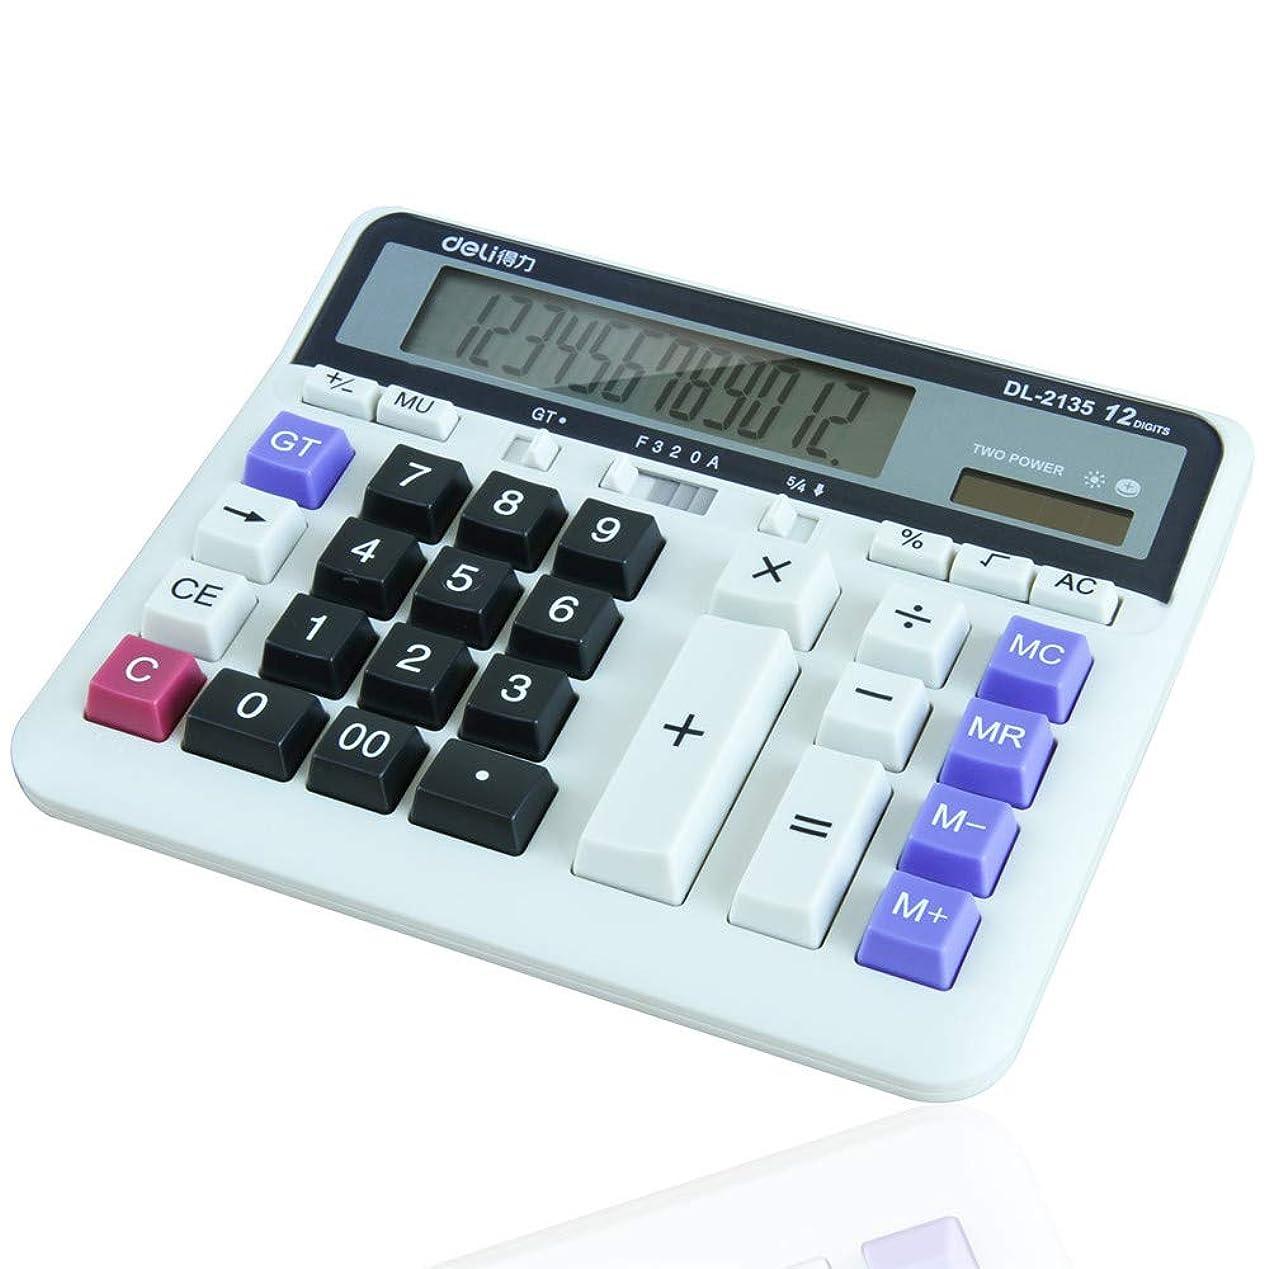 ショルダー母音トレードビジネス電卓 コンピュータキーボード金融銀行専用コンピュータデュアルパワーソーラーデスクトップオフィス電卓 ミニジャストタイプ電卓